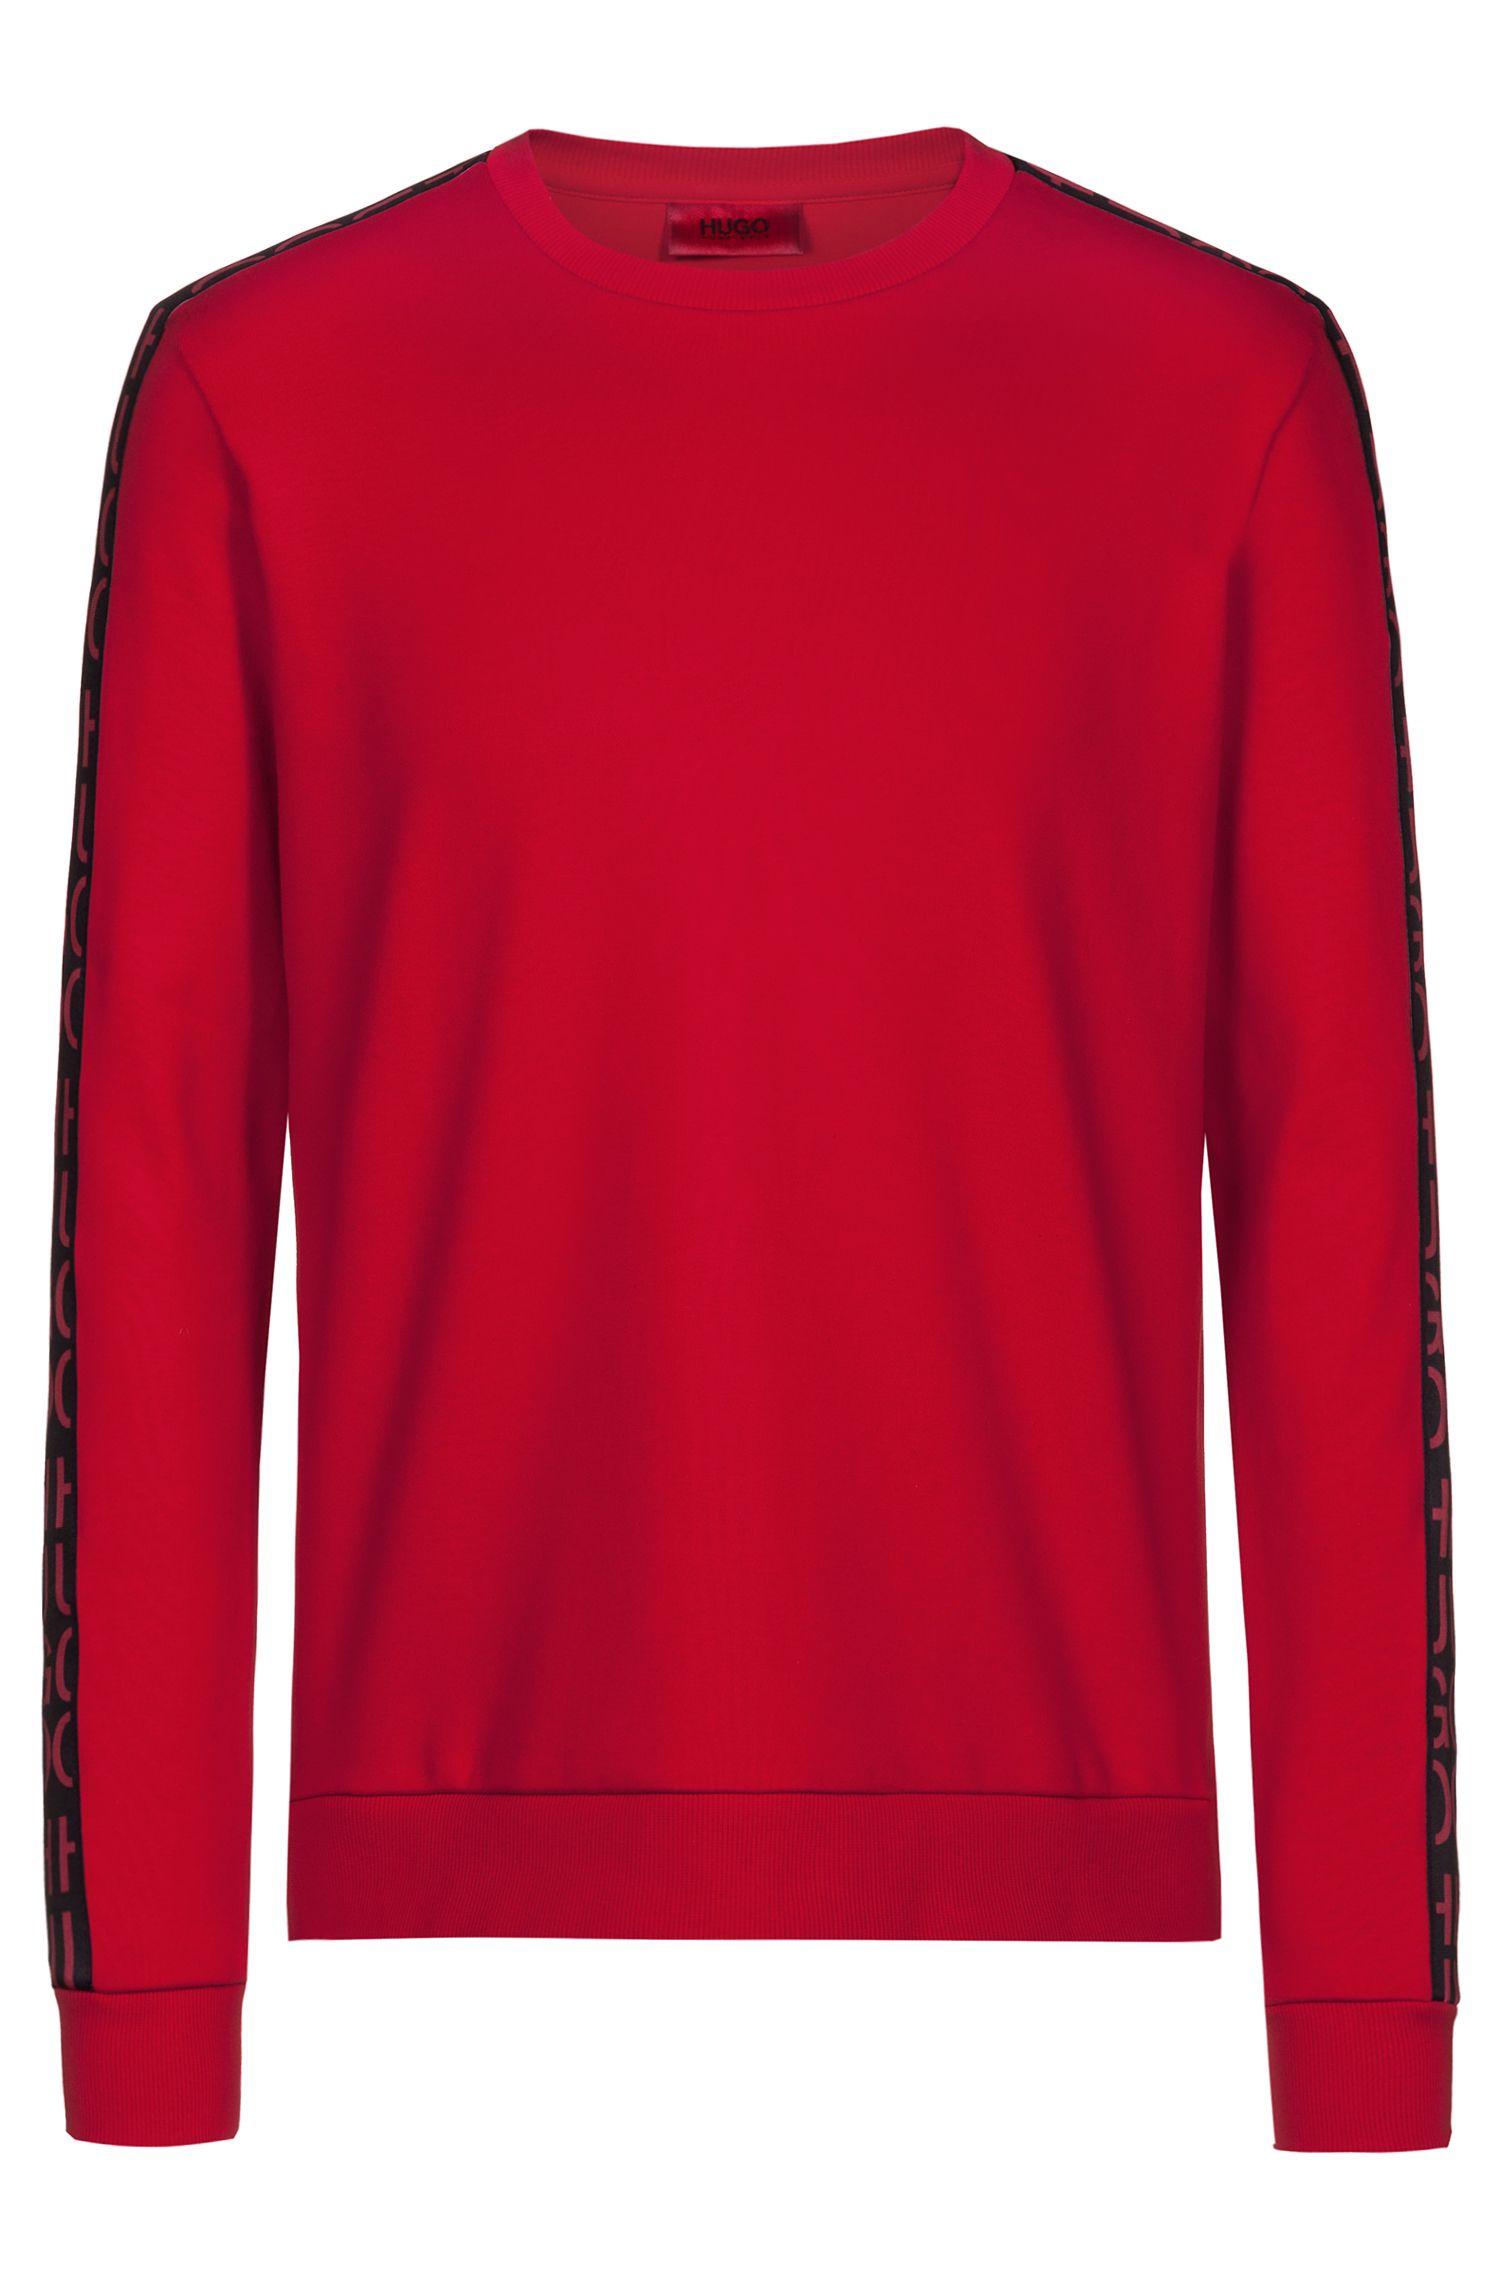 Sudadera en algodón interlock con cinta de logo reinterpretado en la manga, Rojo